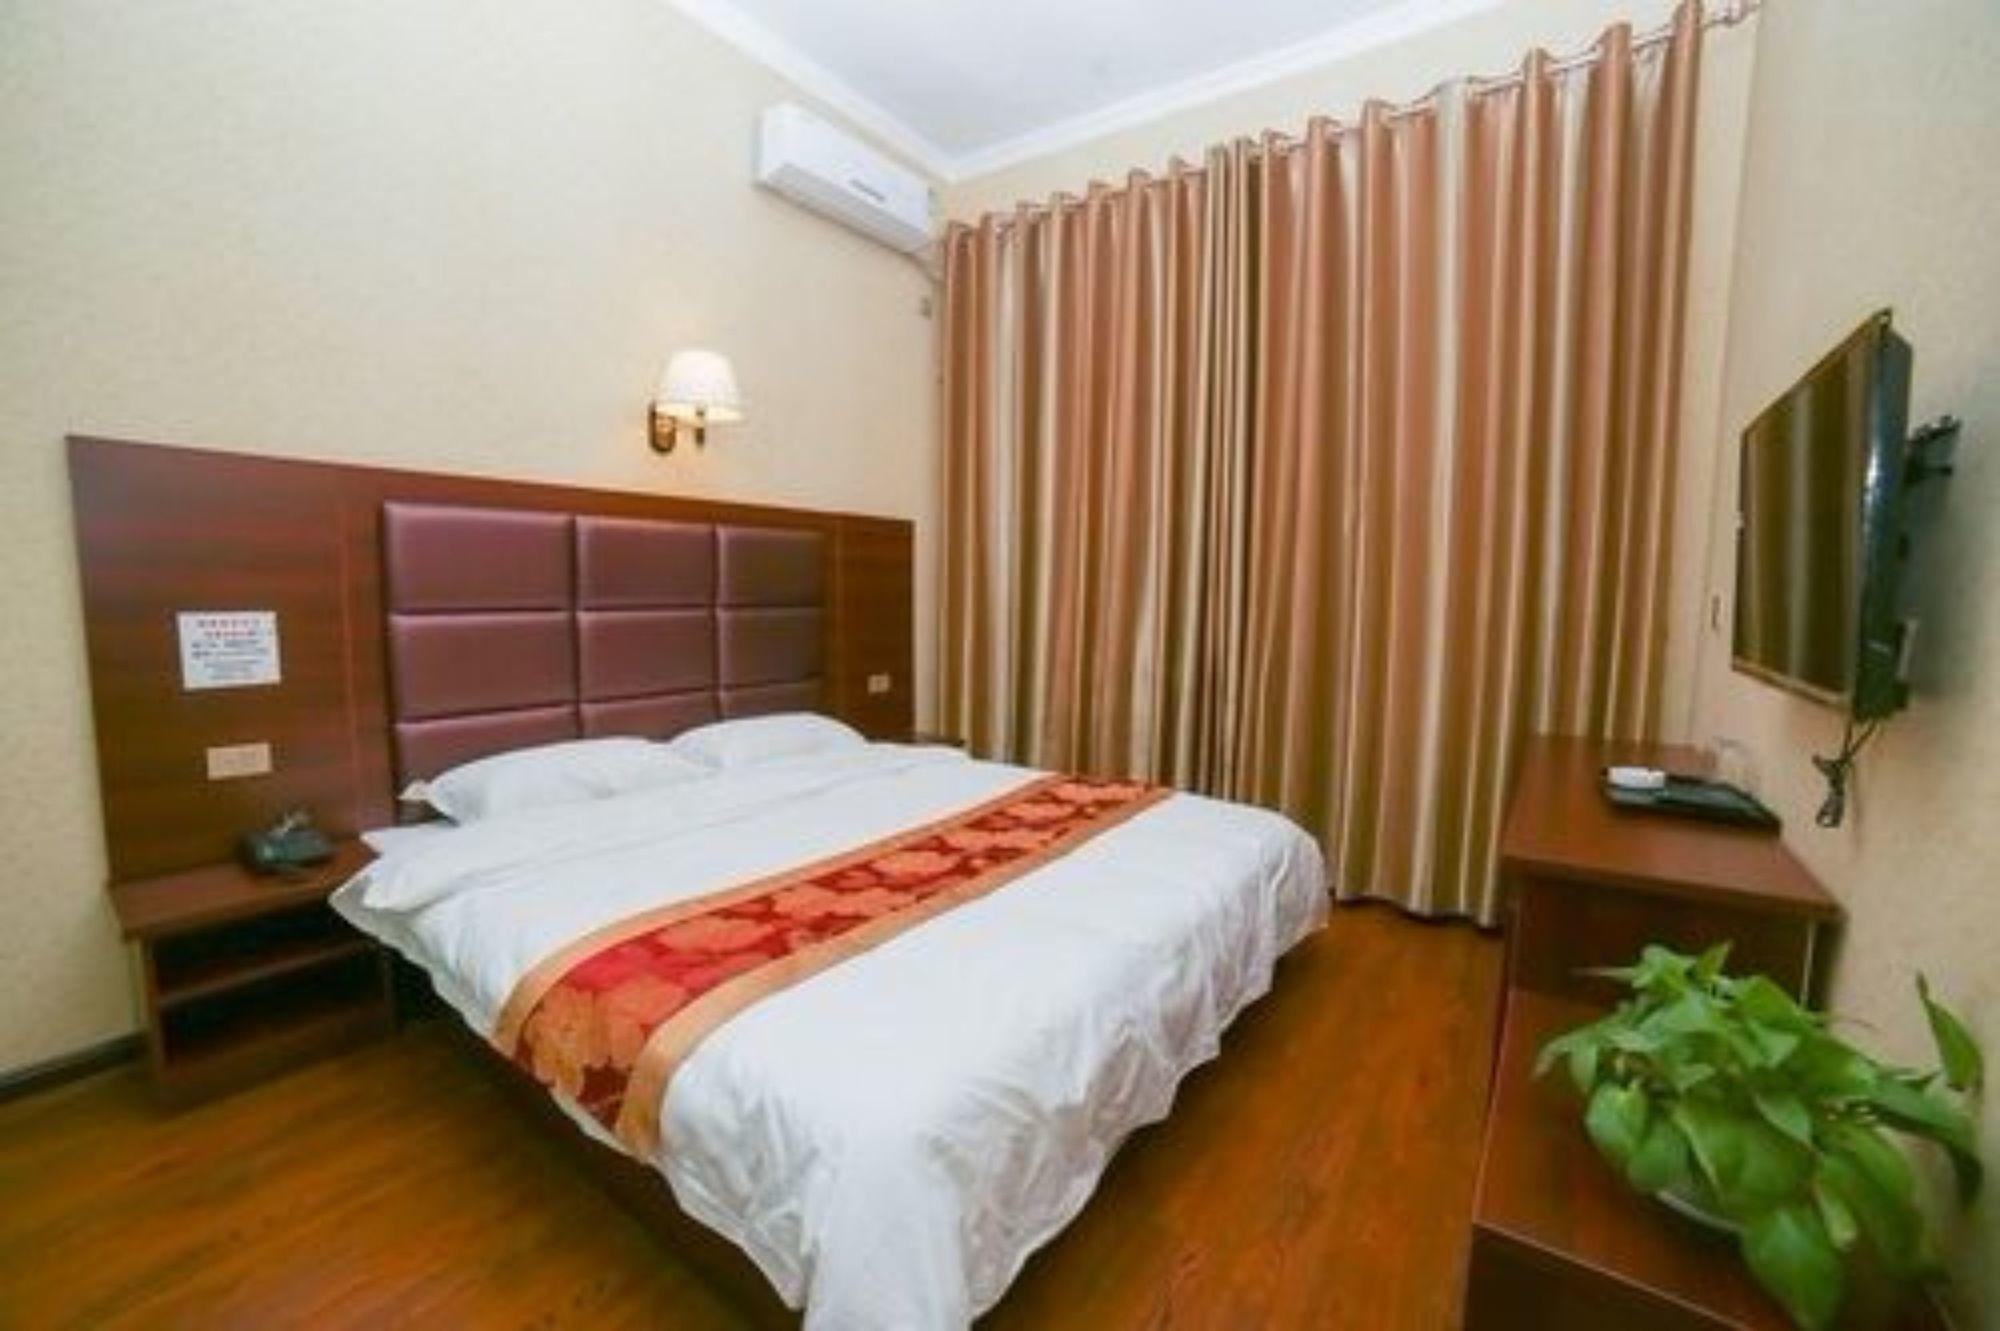 Airport Xincheng Yixin Business Hotel